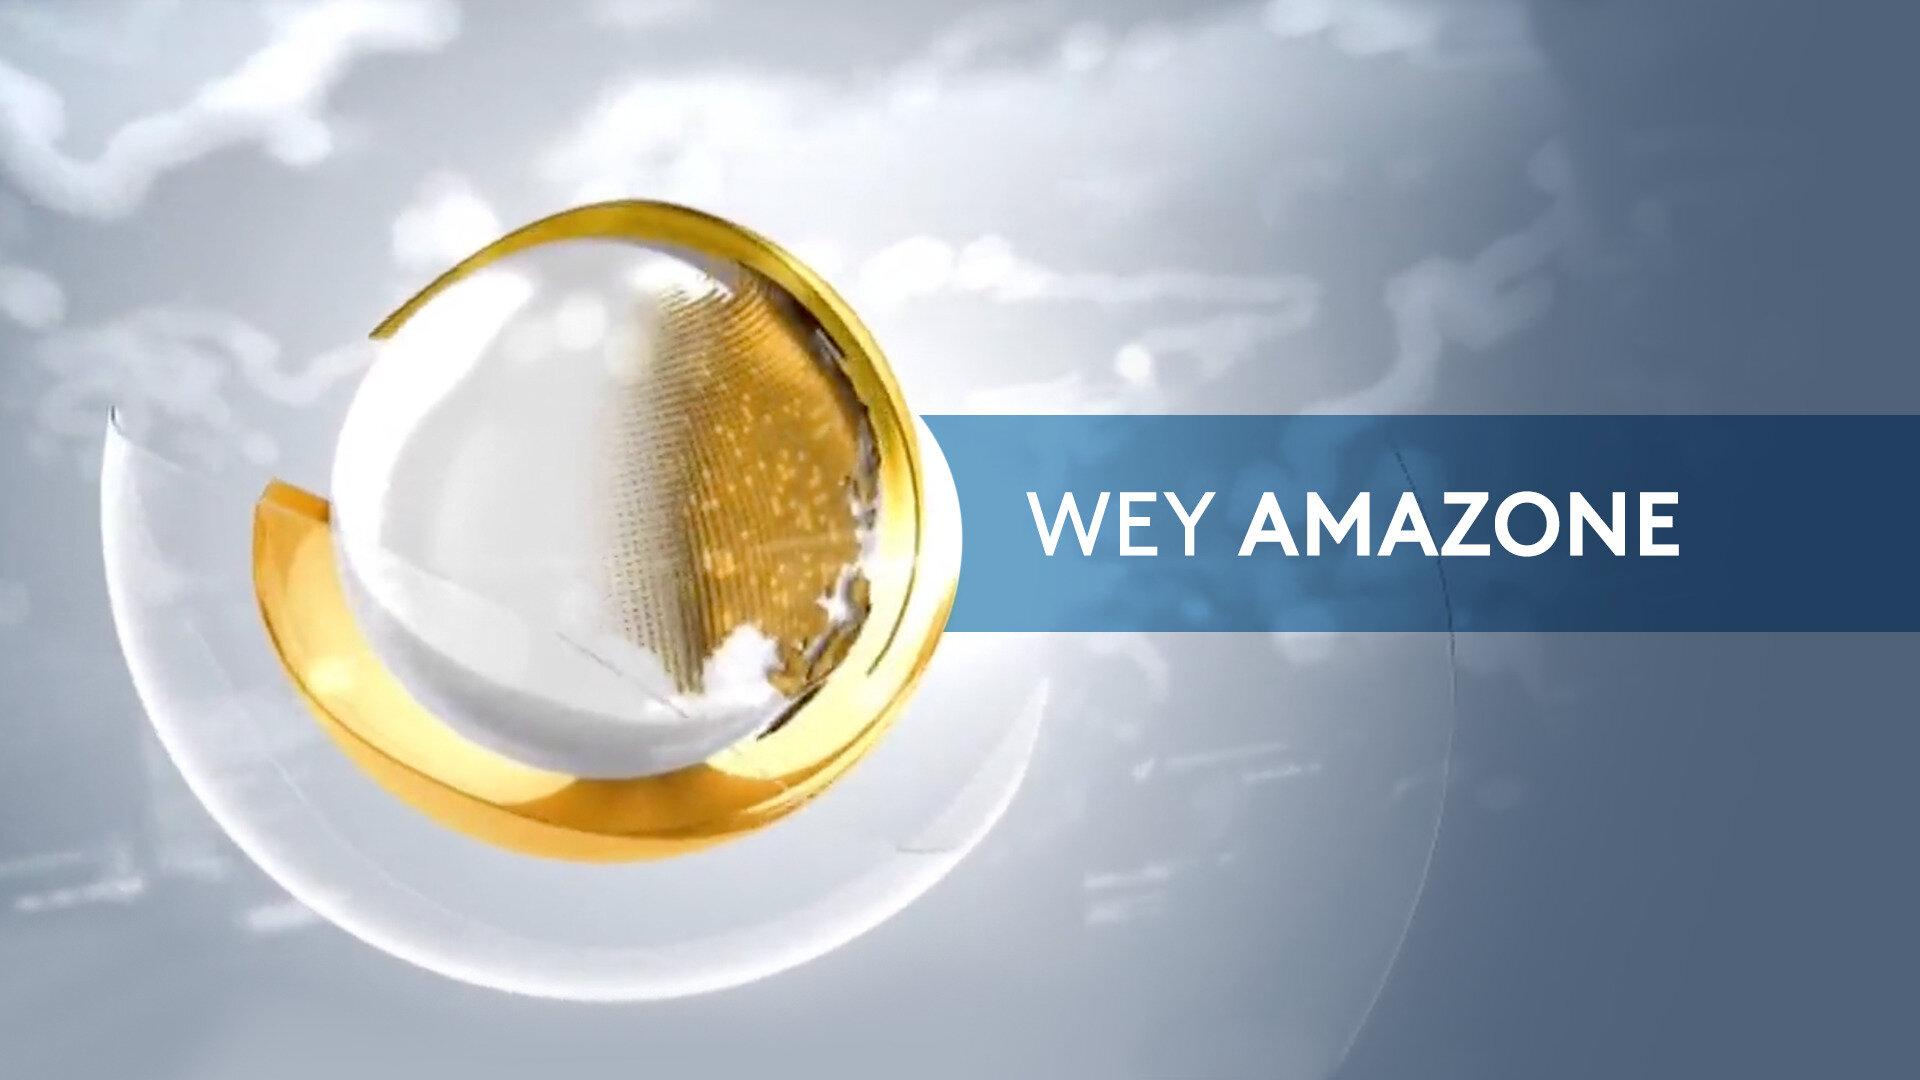 Wey Amazone